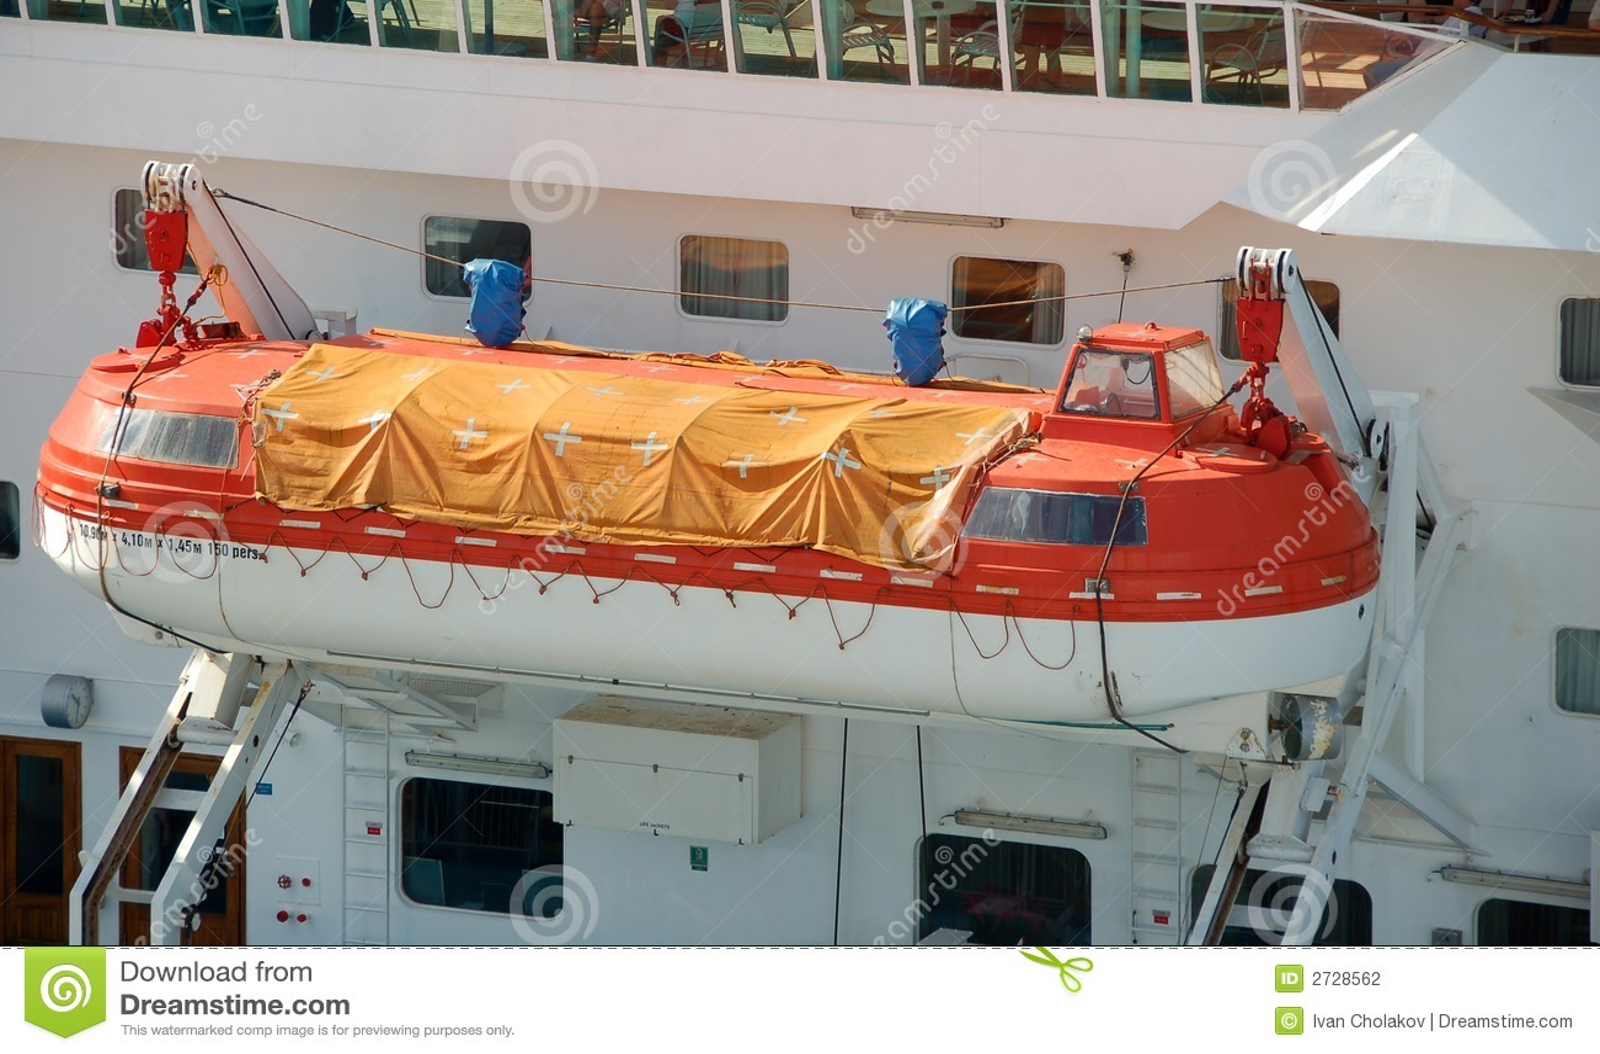 Passenger Ship Lifeboats